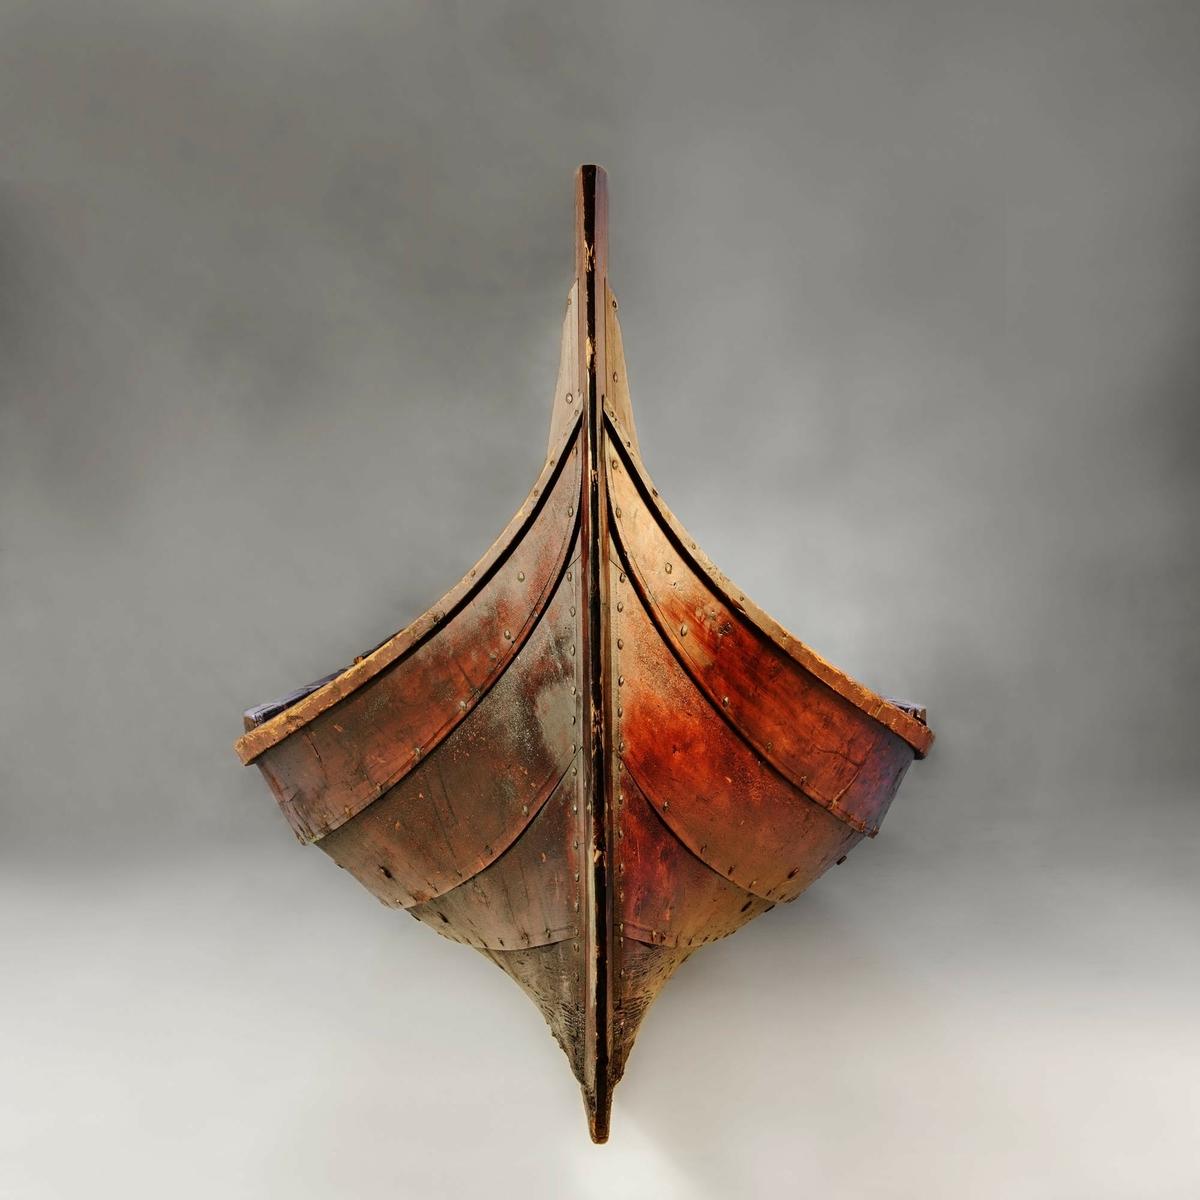 3-roms nordlandsbåt med råseil, også kalt seksring eller treroring. Båten har fire tofter og tre årepar